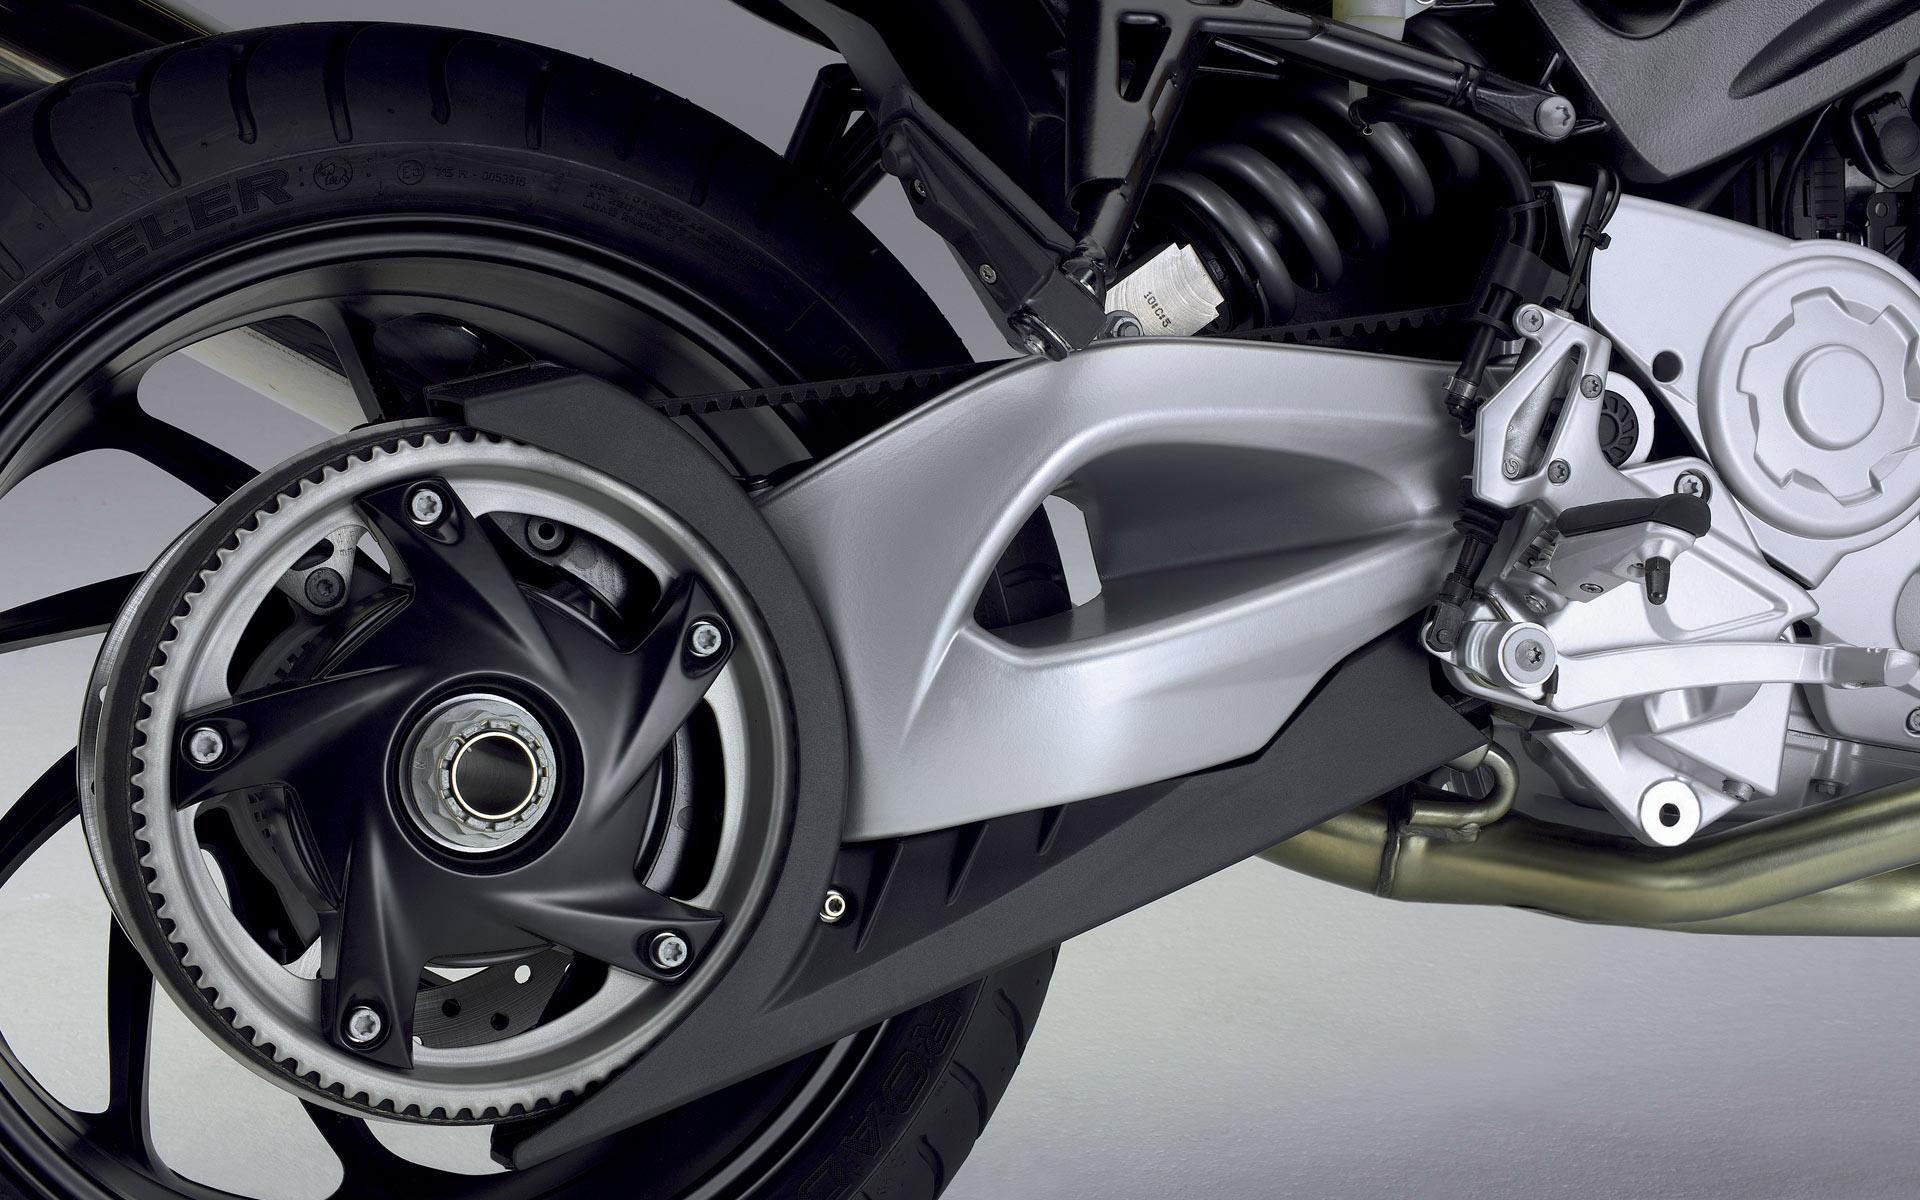 Bmw Motorbikes Quotes QuotesGram 1920x1200